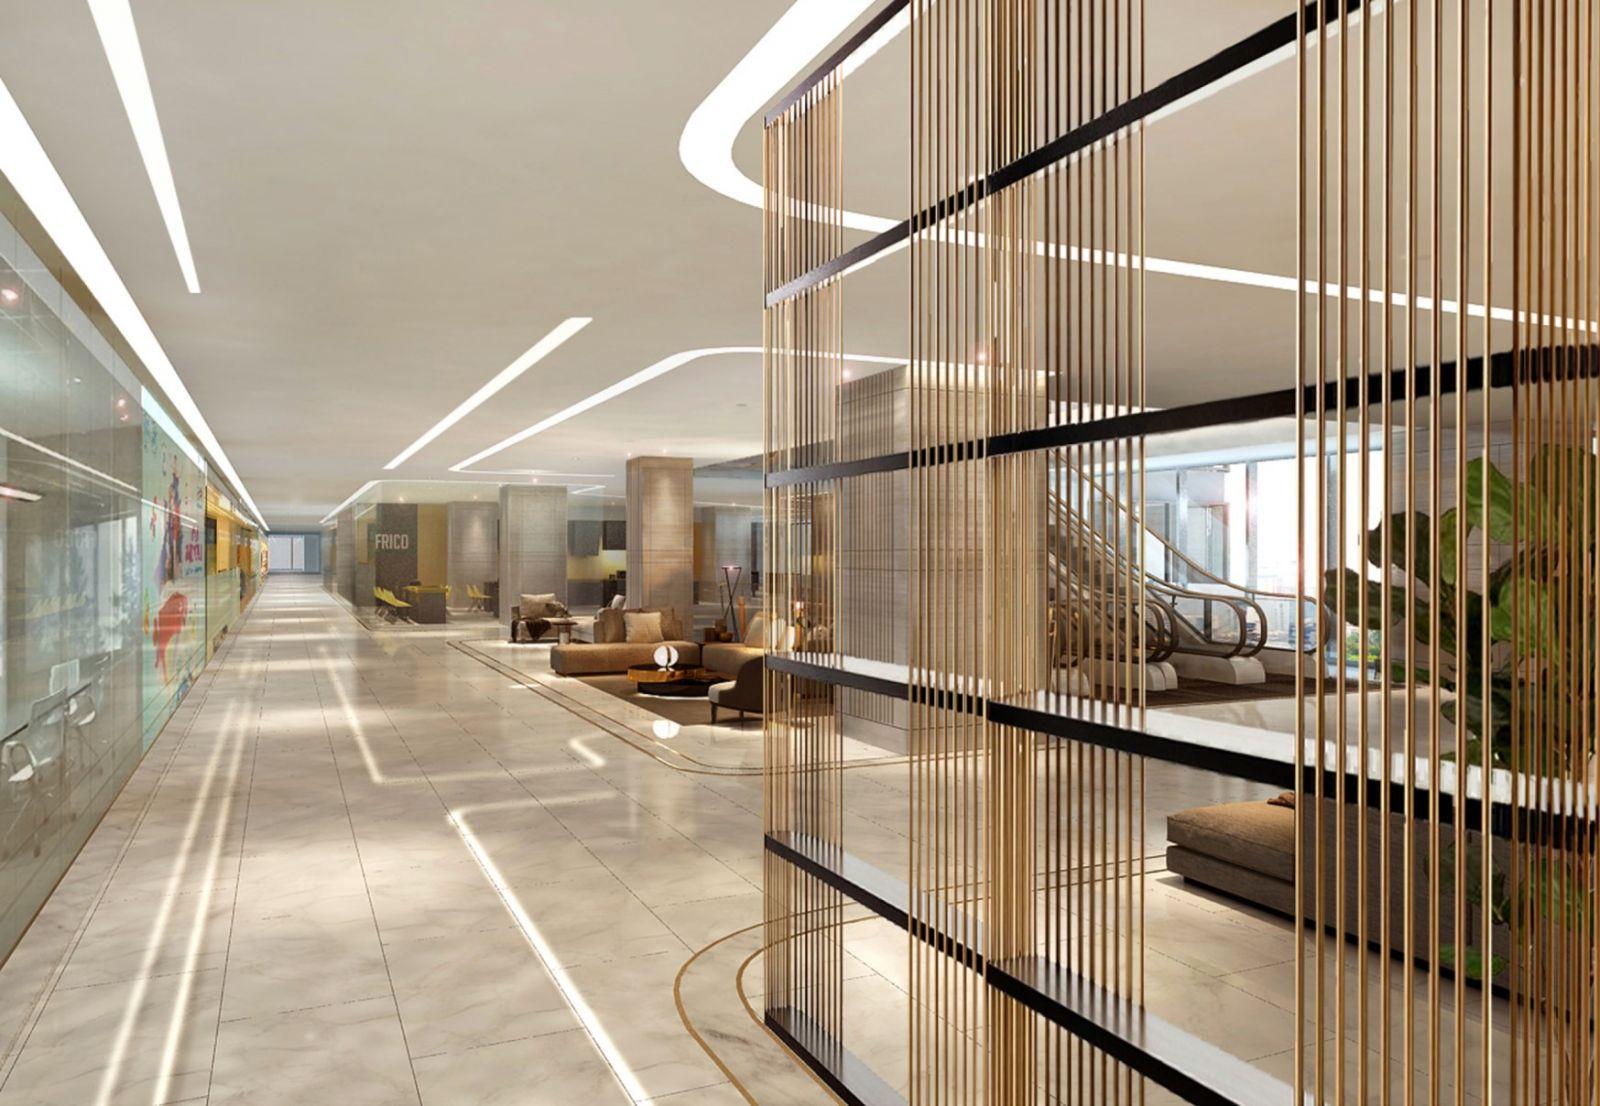 TTTM Sun Plaza Ancora kiến tạo những tiêu chuẩn mua sắm, giải trí vượt trội và khác biệt (Ảnh minh họa)